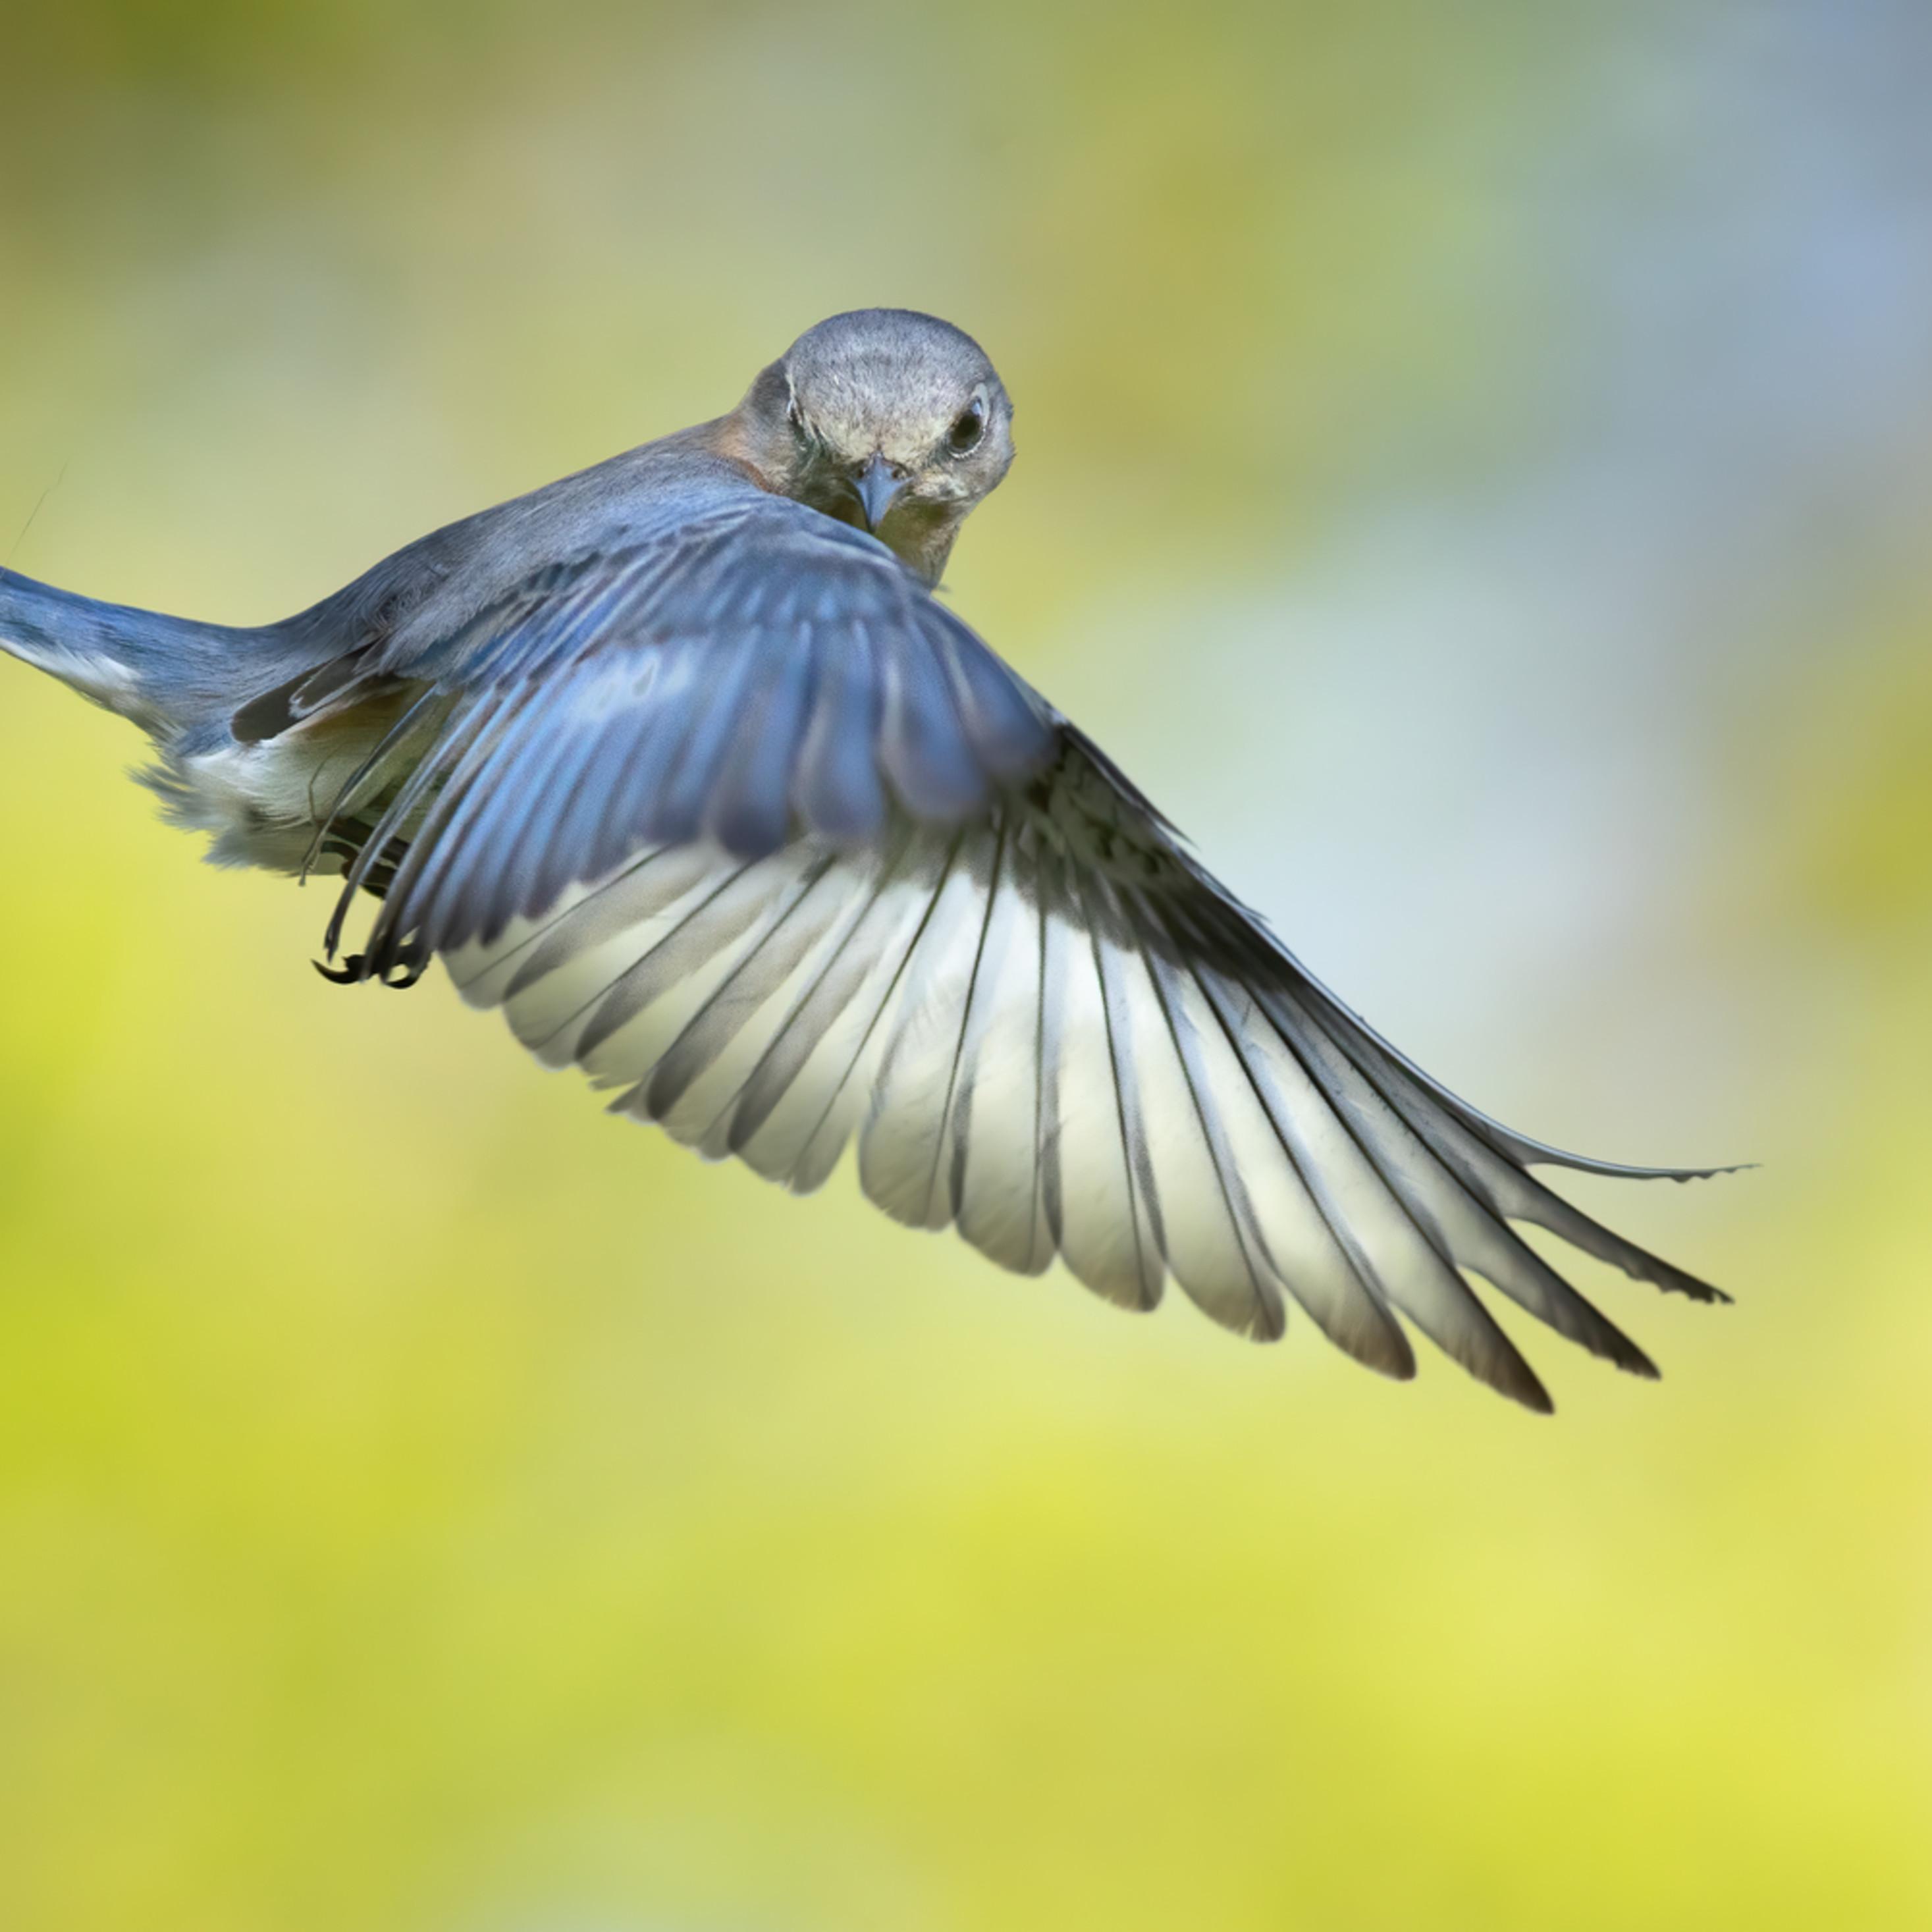 Forsyth county nc bluebird flight huxfyw